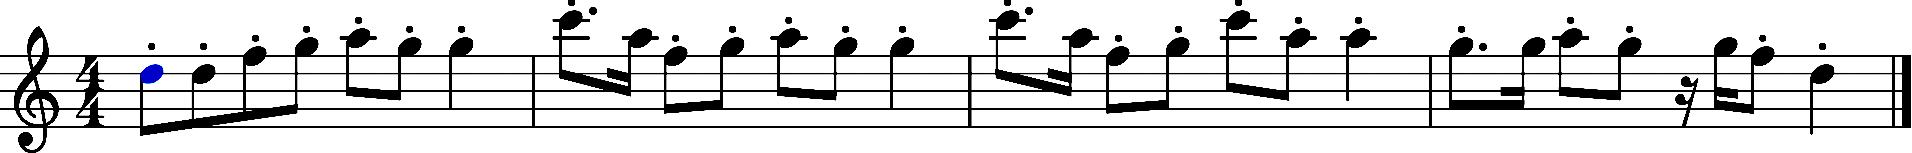 Melodie fröhlich Noten Beispiel